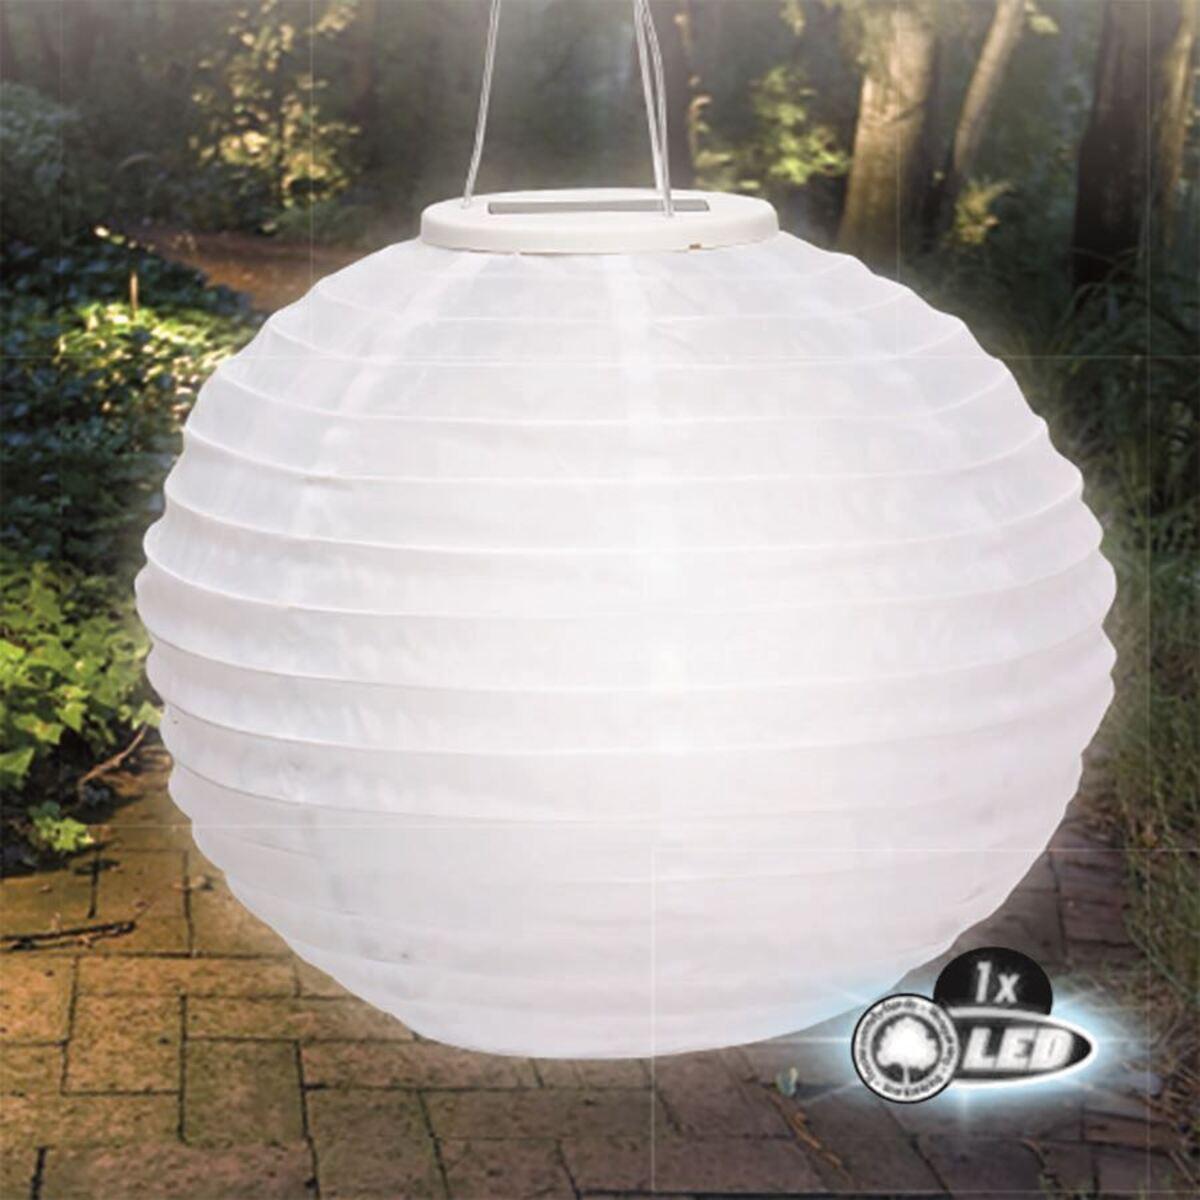 Bild 2 von Grundig LED-Solarlaterne 28cm